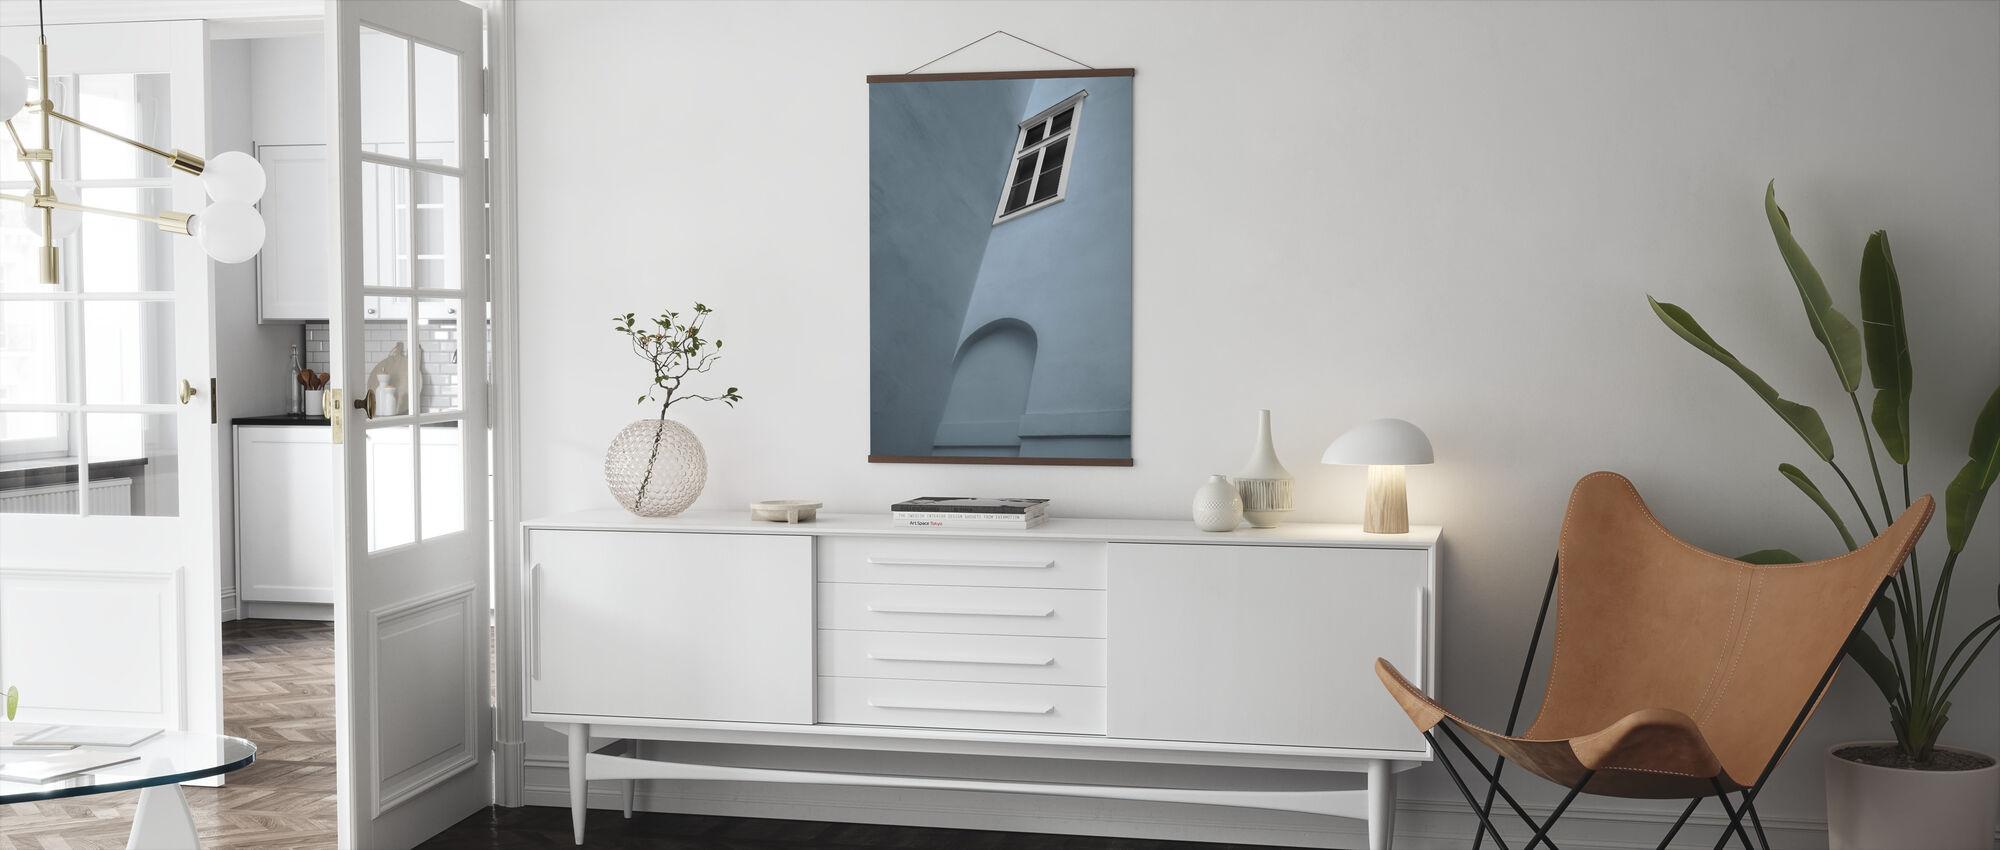 Hvid vindue - Plakat - Stue